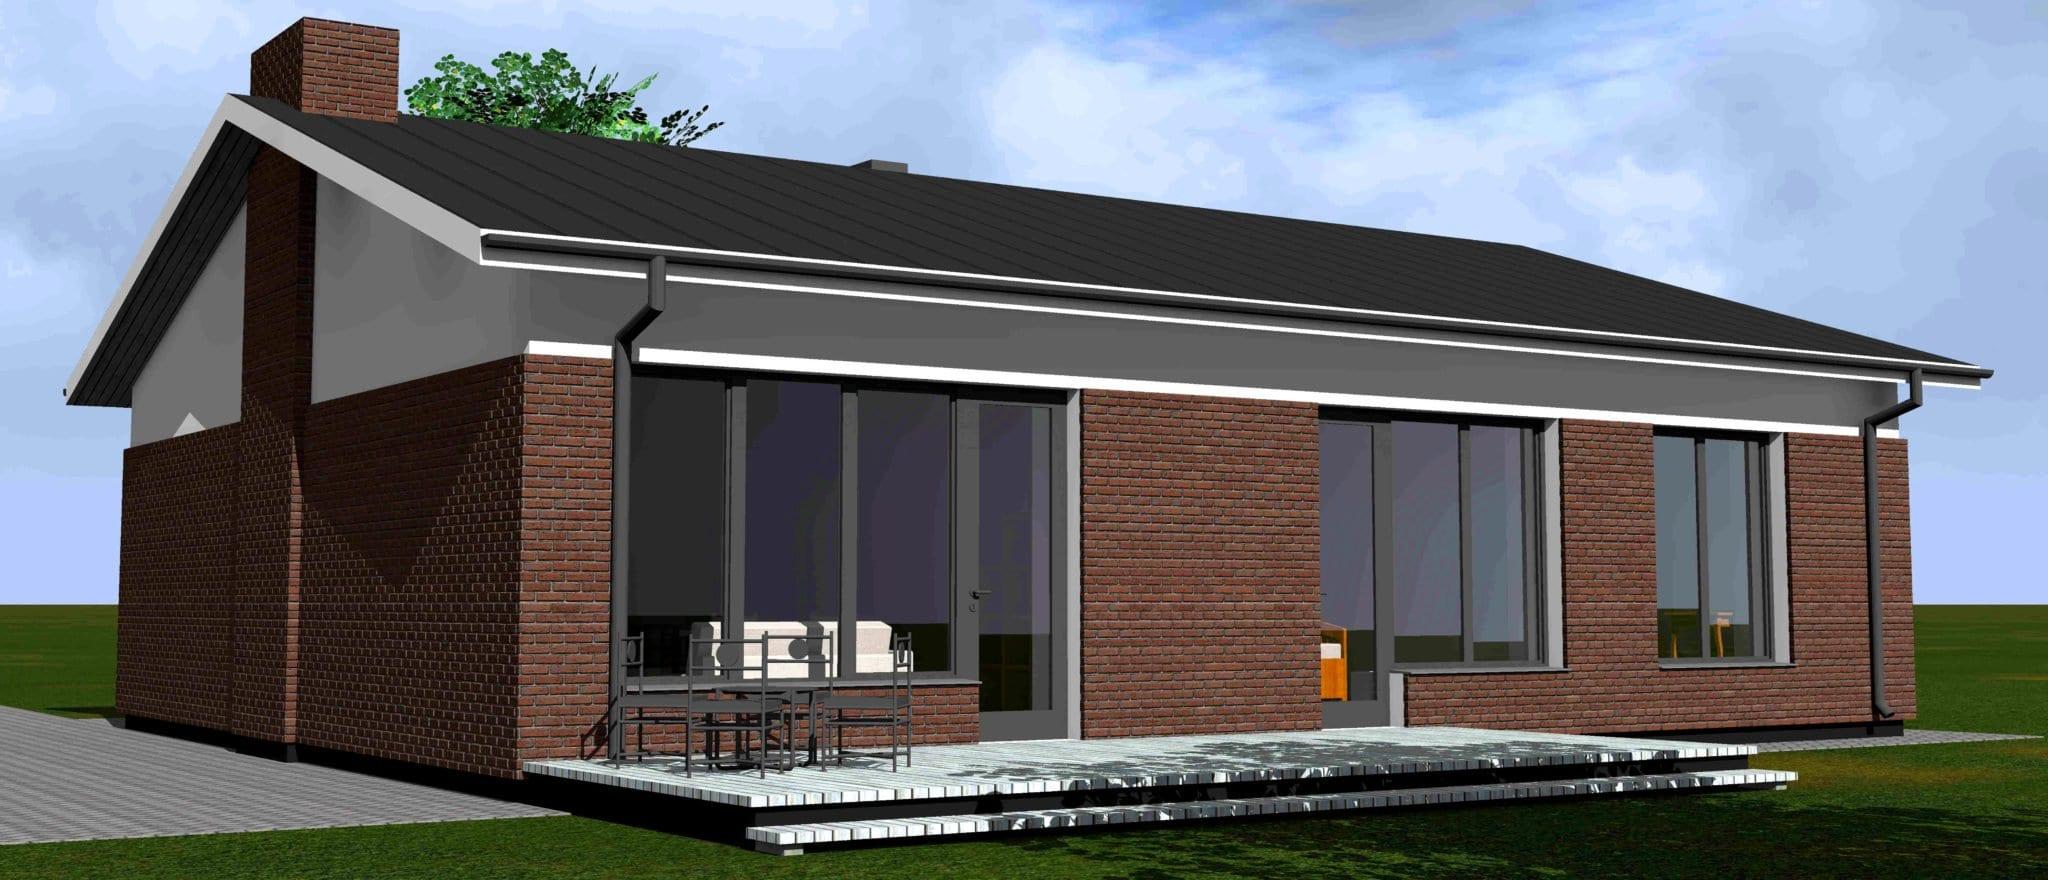 Vienbučio gyvenamojo namo projektas vizualizacija